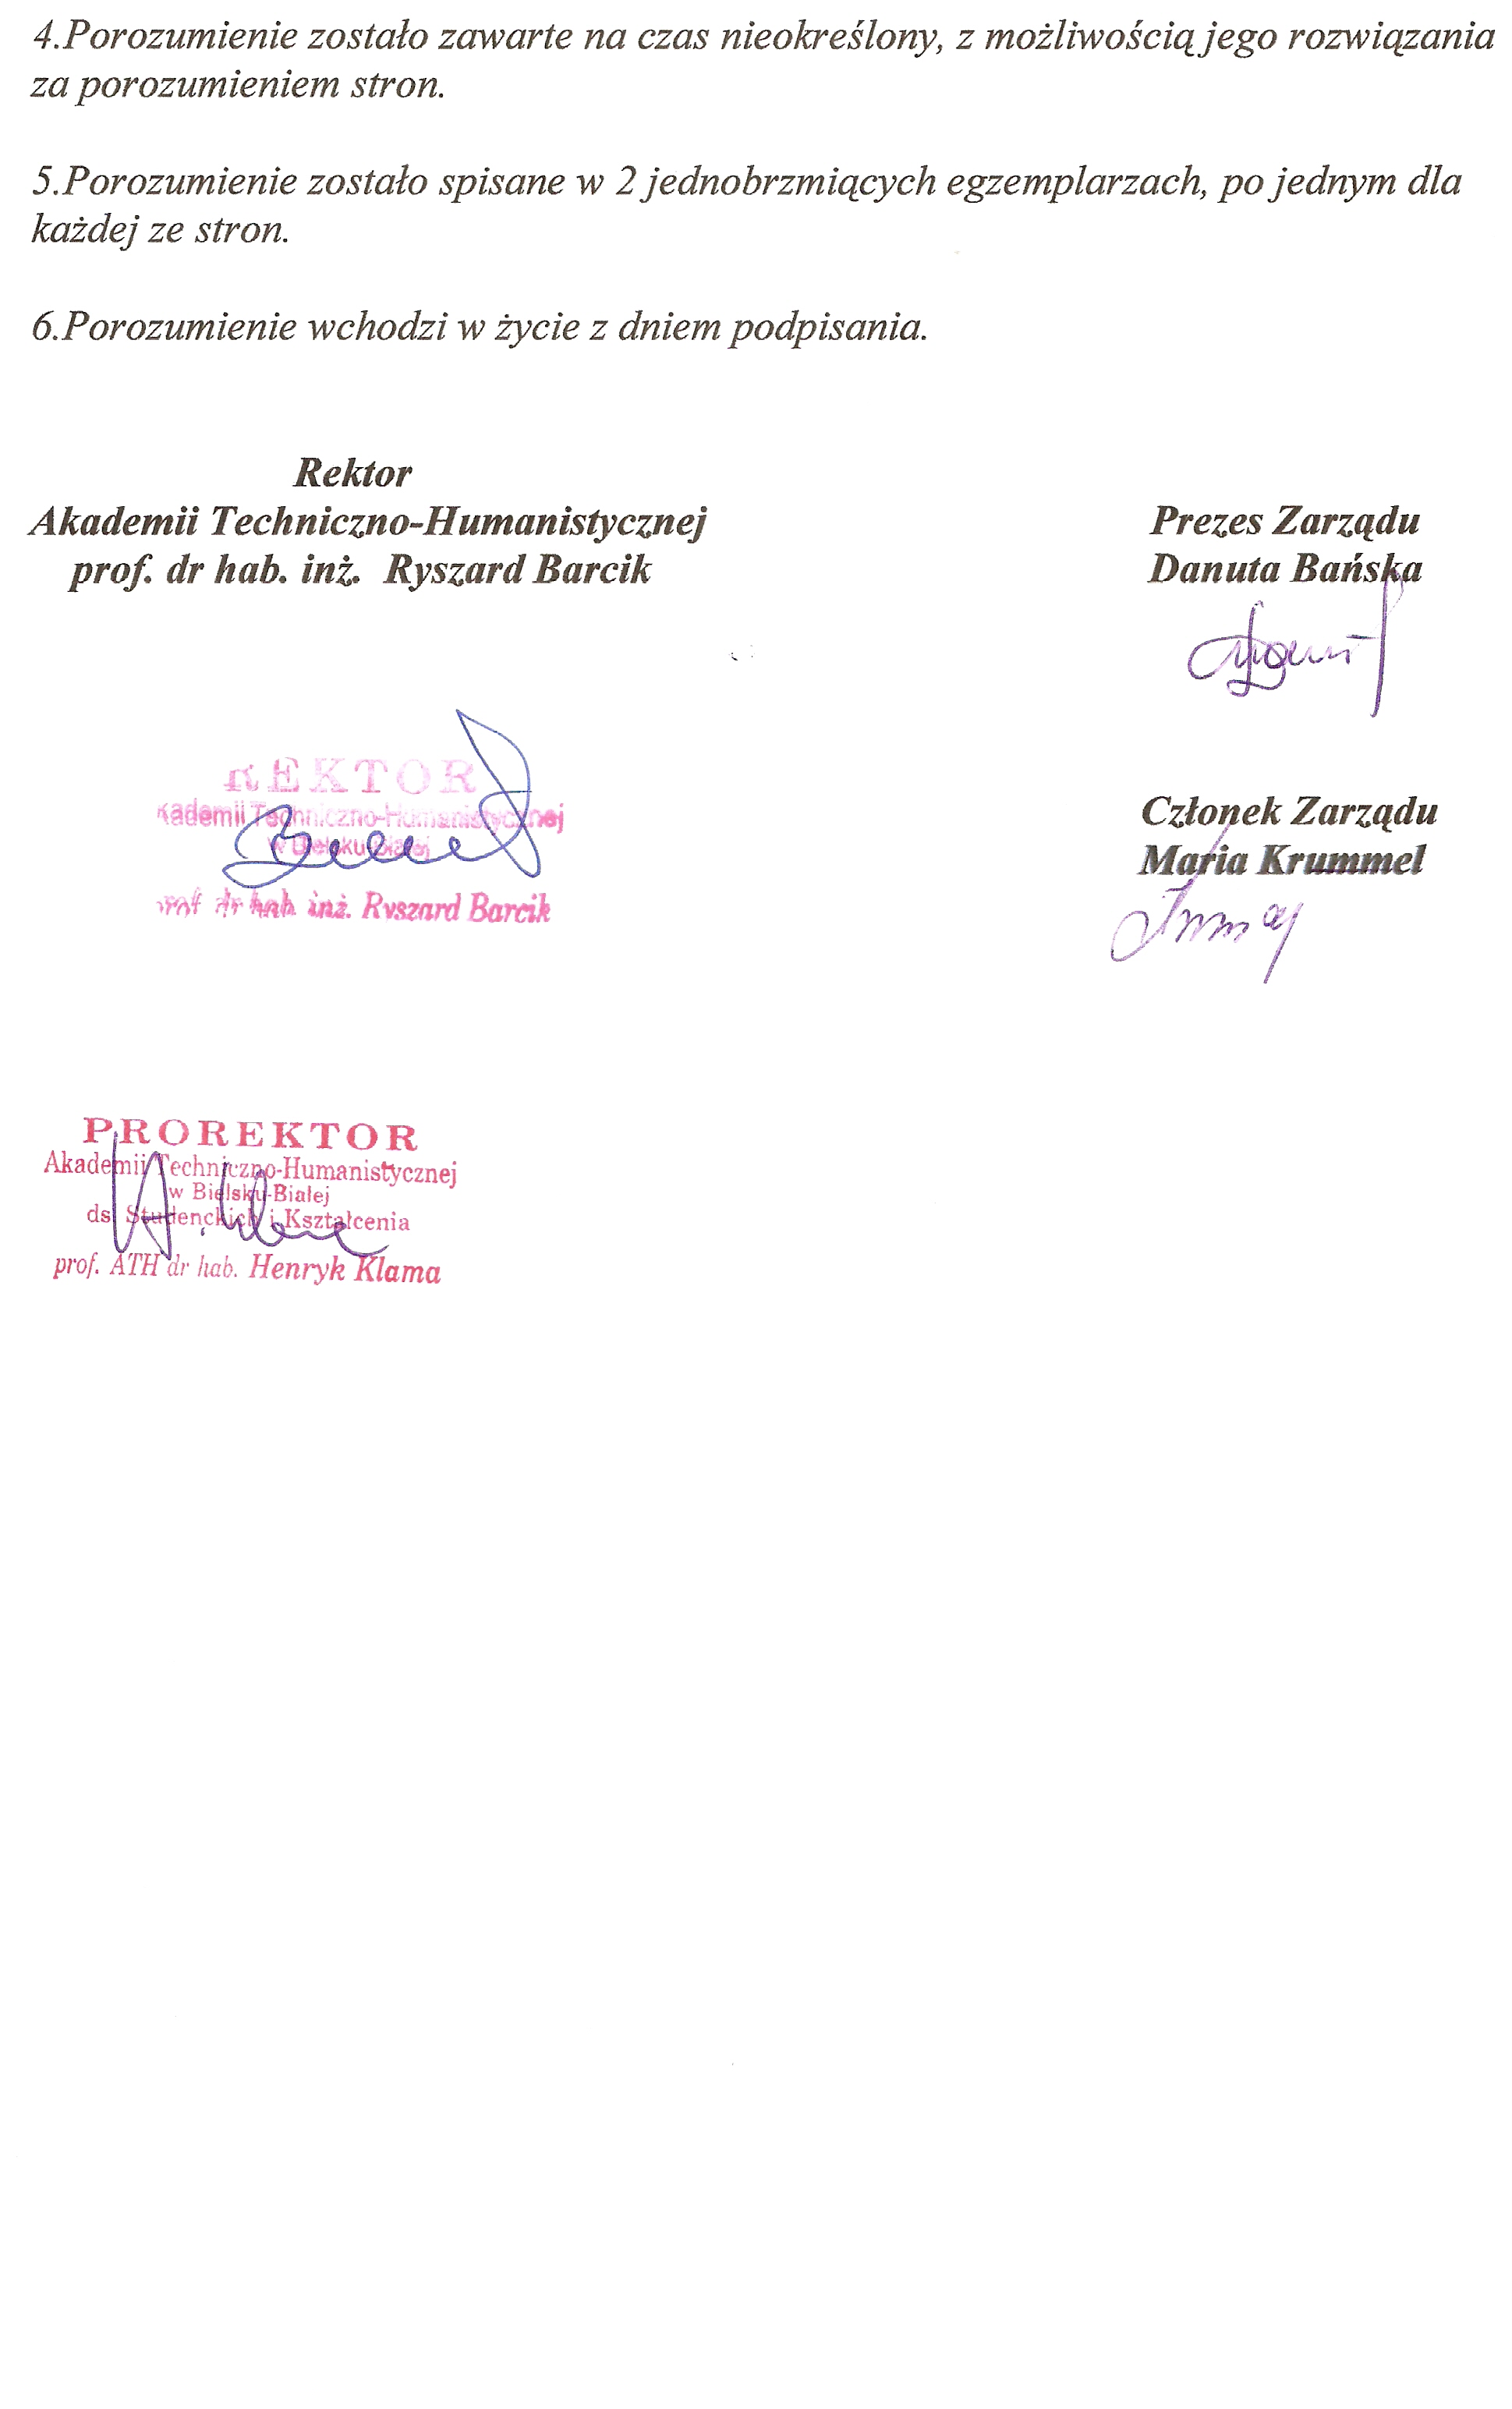 porozumienie-z-ath-bielsko-biala-str-10002-1